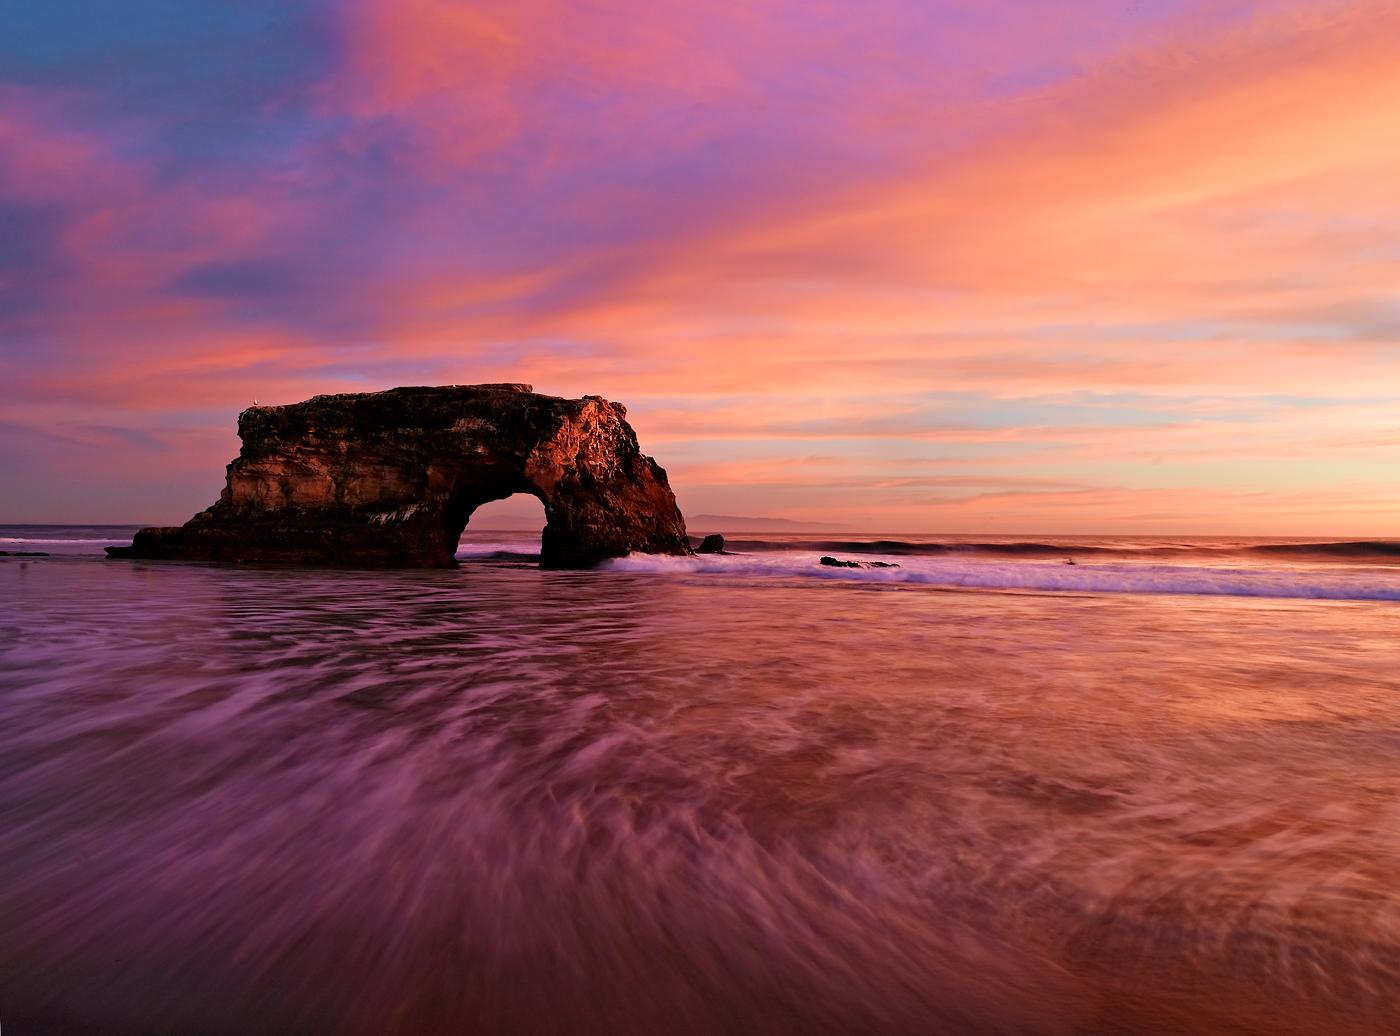 Sunset at Natural Bridges State monument in Santa Cruz, California.